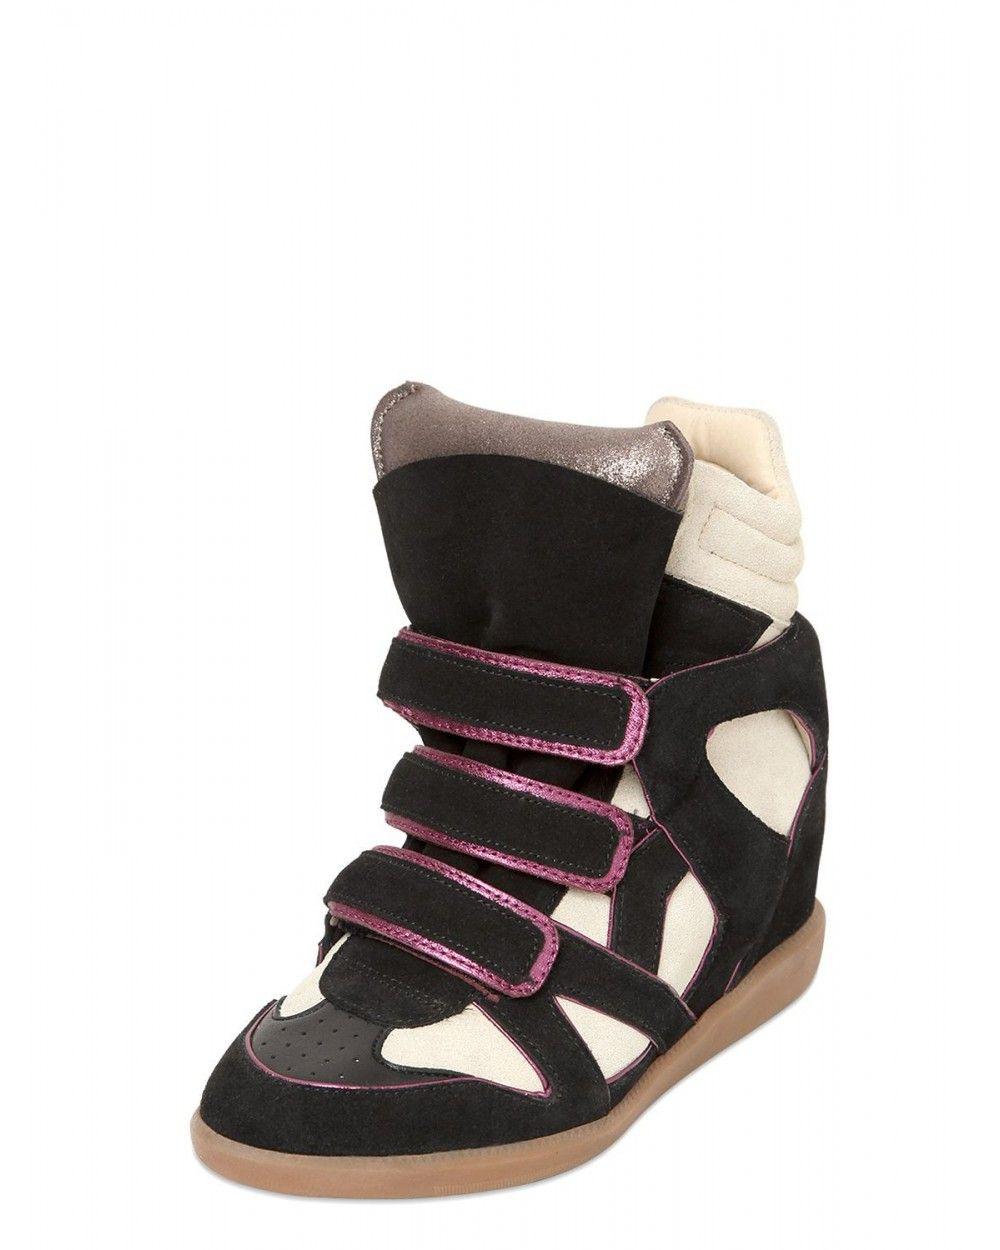 Isabel Marant Etoile Wila Suede Wedge Sneakers Black And White - Isabel  Marant #ISABELMARANT #